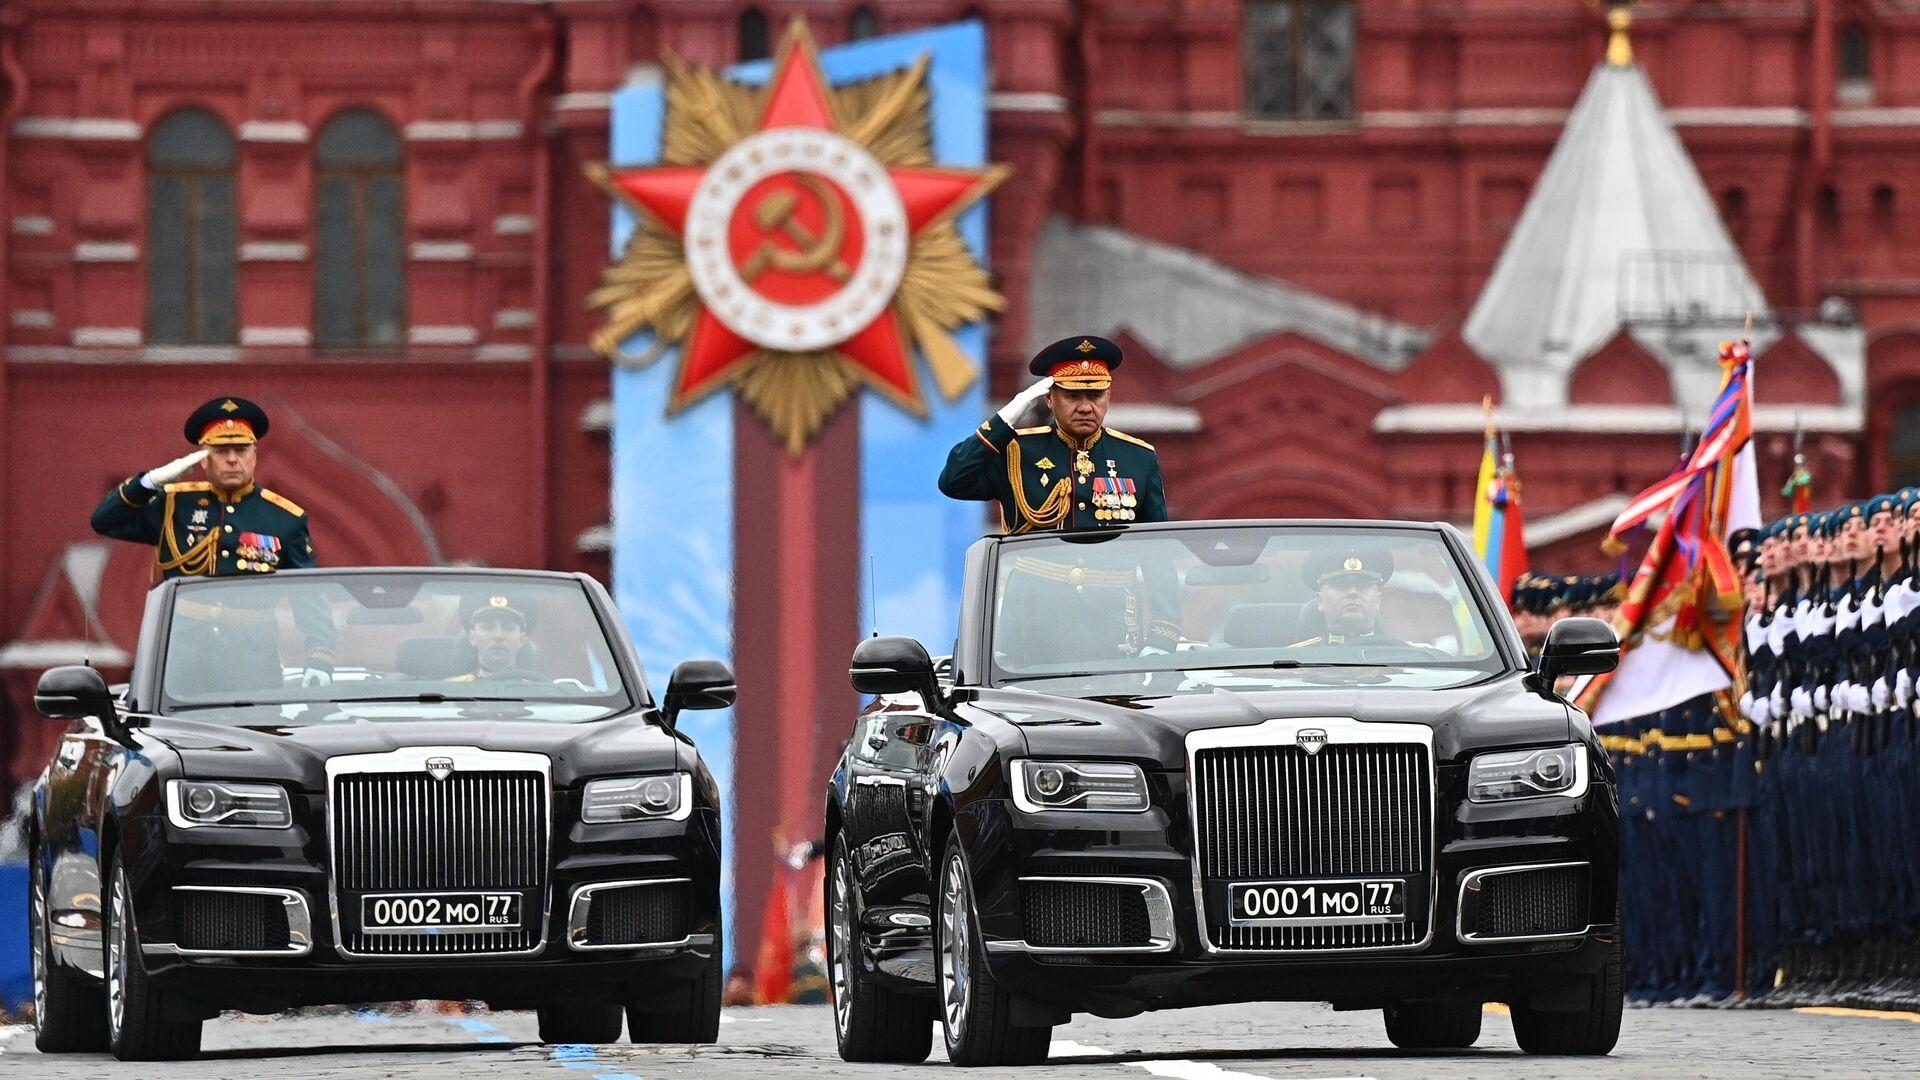 El comandante en jefe de la Fuerza Terrestre de Rusia, el general del Ejército Oleg Saliukov, y el ministro de Defensa de Rusia, Serguéi Shoigú, en el desfile del Día de la Victoria 2021 - Sputnik Mundo, 1920, 09.05.2021